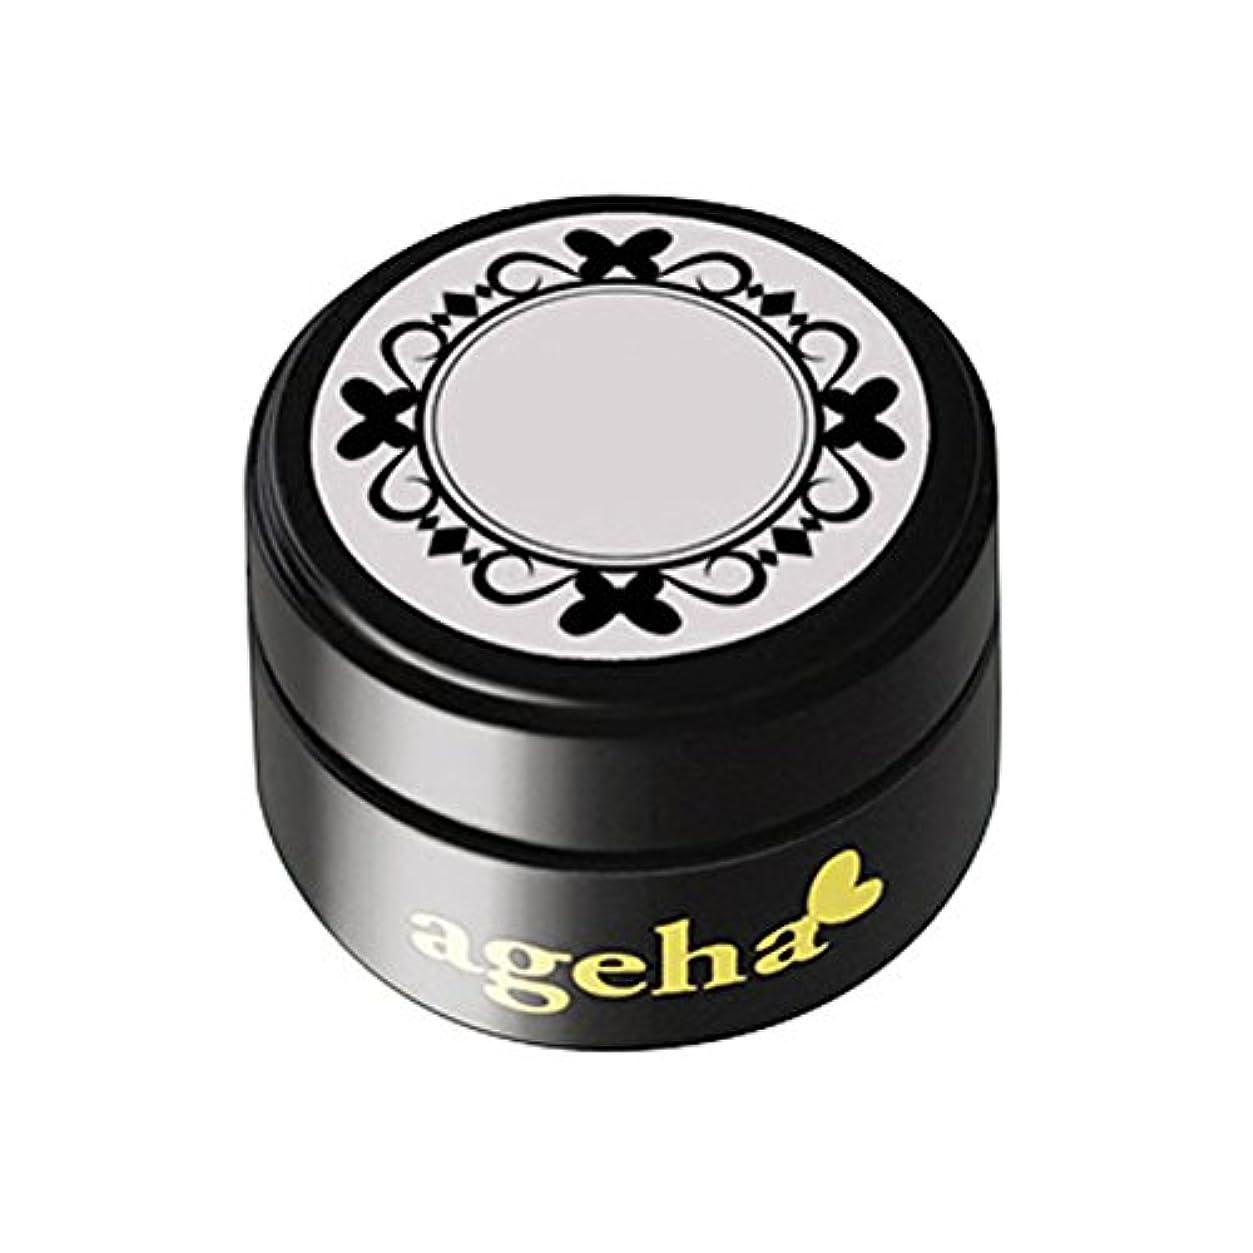 ドール適合悲しみageha gel カラージェル コスメカラー 318 ロシアングレー 2.7g UV/LED対応